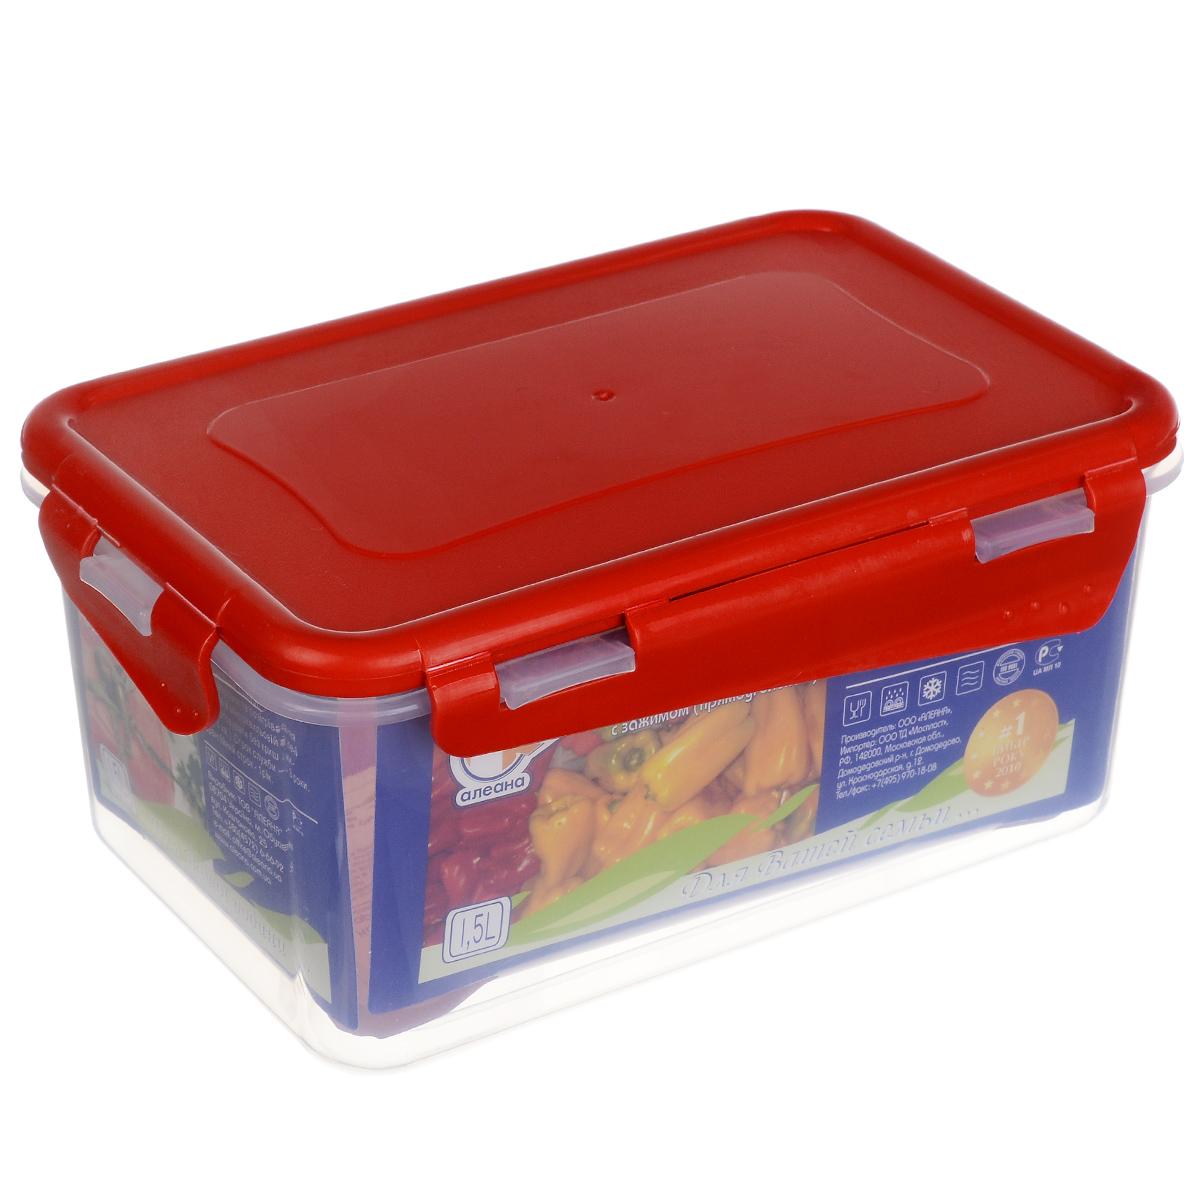 Контейнер Алеана, цвет: красный, прозрачный, 1,5 л167042 красныйКонтейнер Алеана прямоугольной формы, изготовленный из прочного полипропилена, предназначен специально для хранения пищевых продуктов. Крышка легко открывается и плотно закрывается, благодаря зажимам. Прозрачные стенки позволяют видеть содержимое. Контейнер устойчив к воздействию масел и жиров, легко моется. Контейнер имеет возможность хранения продуктов глубокой заморозки, обладает высокой прочностью. Можно мыть в посудомоечной машине. Подходит для использования в микроволновых печах.